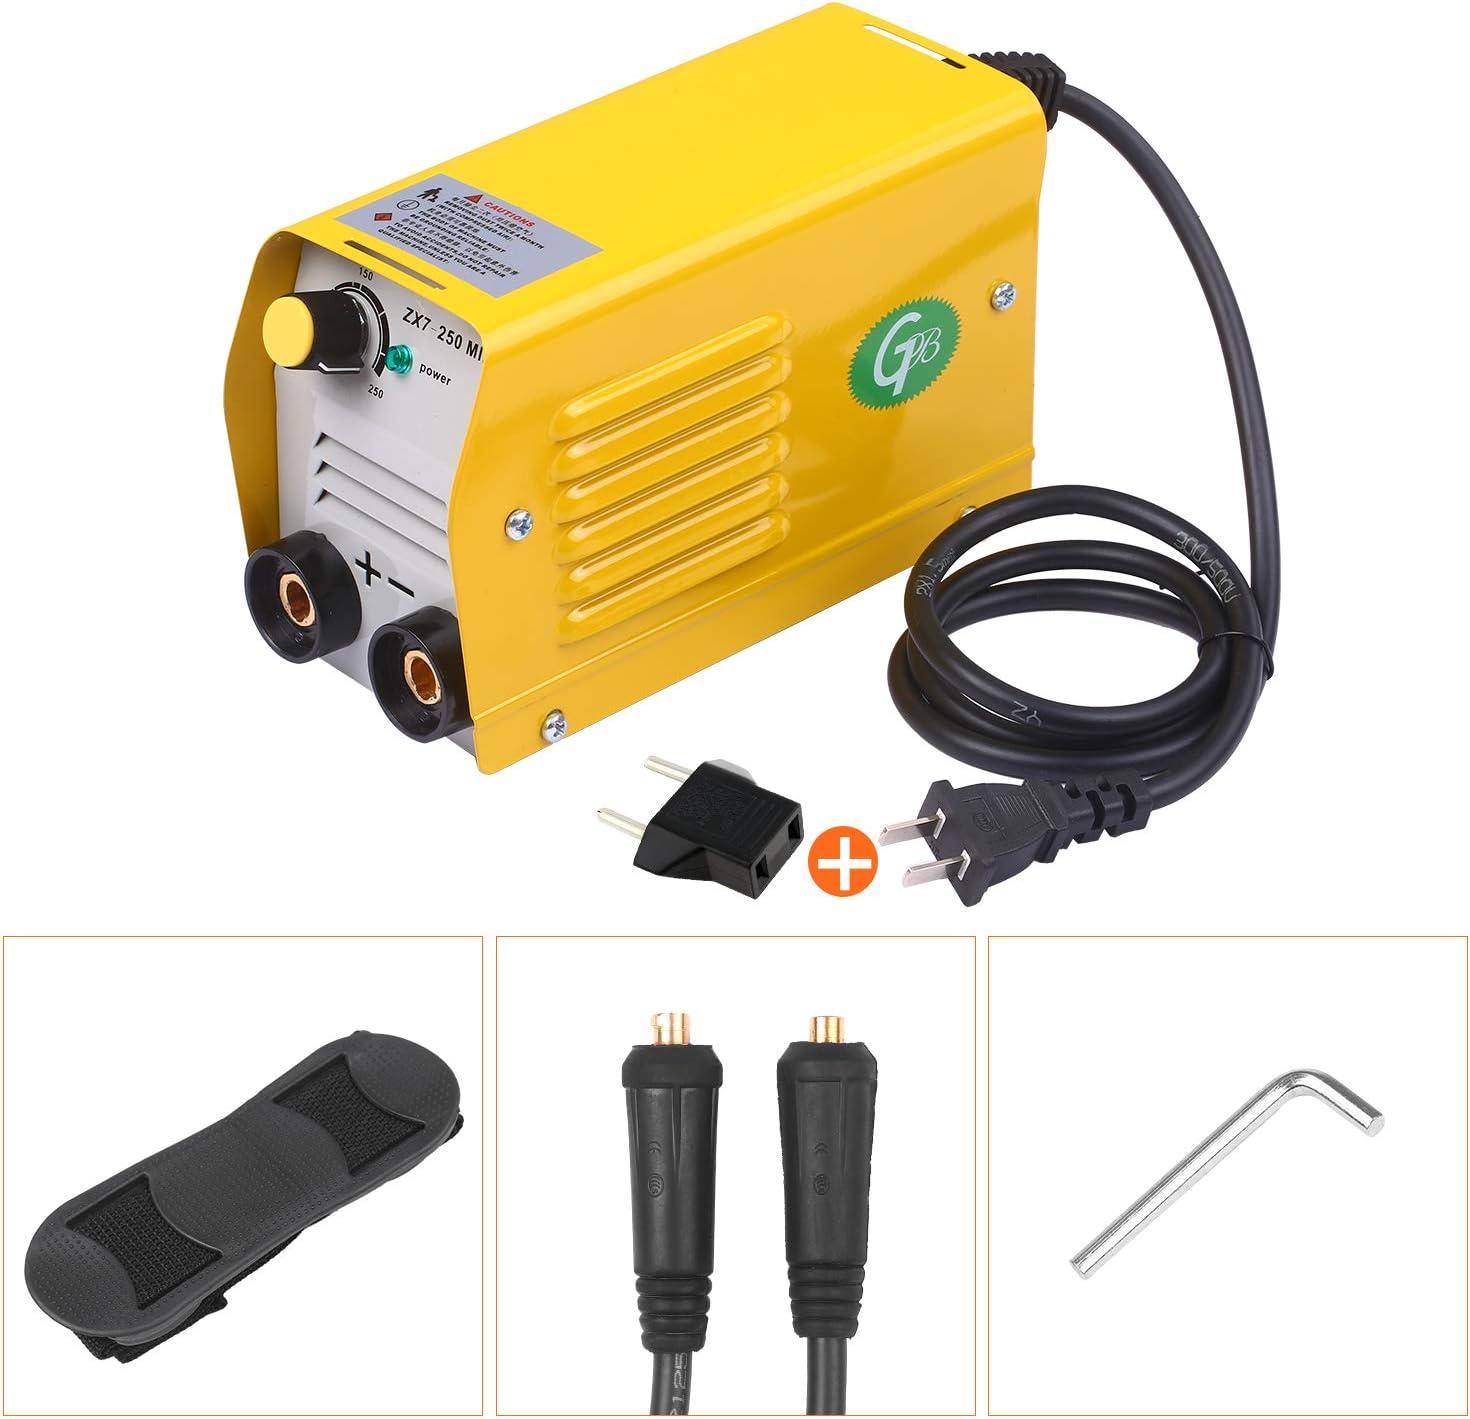 Kecheer Soldador de arco electrico,Máquina de soldadura eléctrica inverter IGBT,para soldar trabajos eléctricos,para acero inoxidable/acero al carbono/acero de baja aleación/cobre